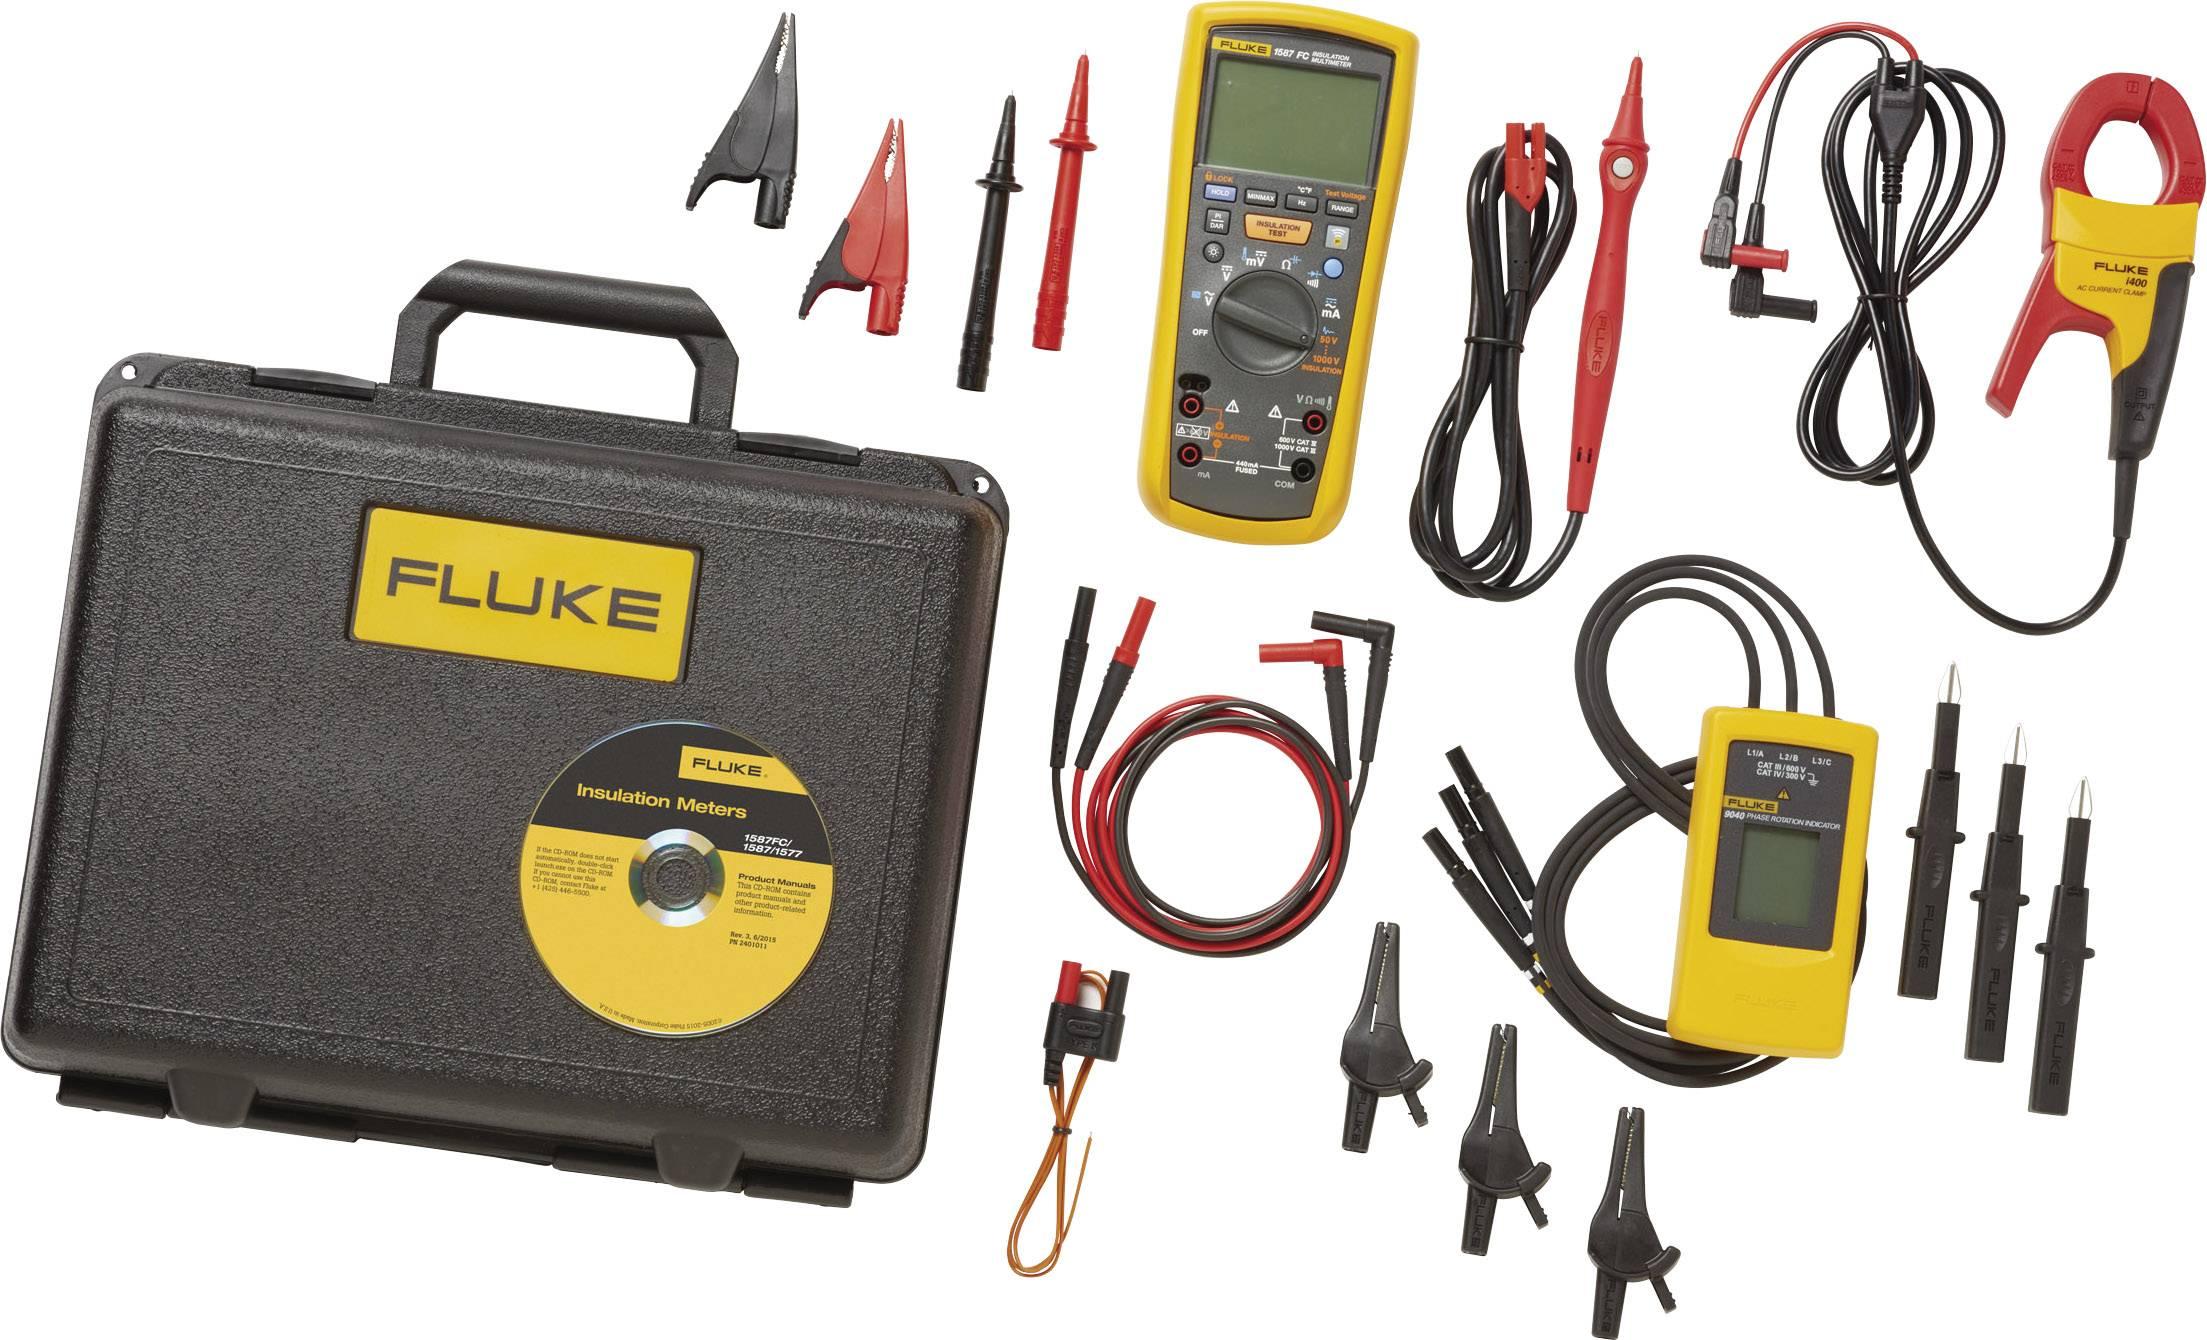 Sada multimetru Fluke s funkcí měření izolace Fluke 1587/MDT FC, Kalibrováno dle bez certifikátu